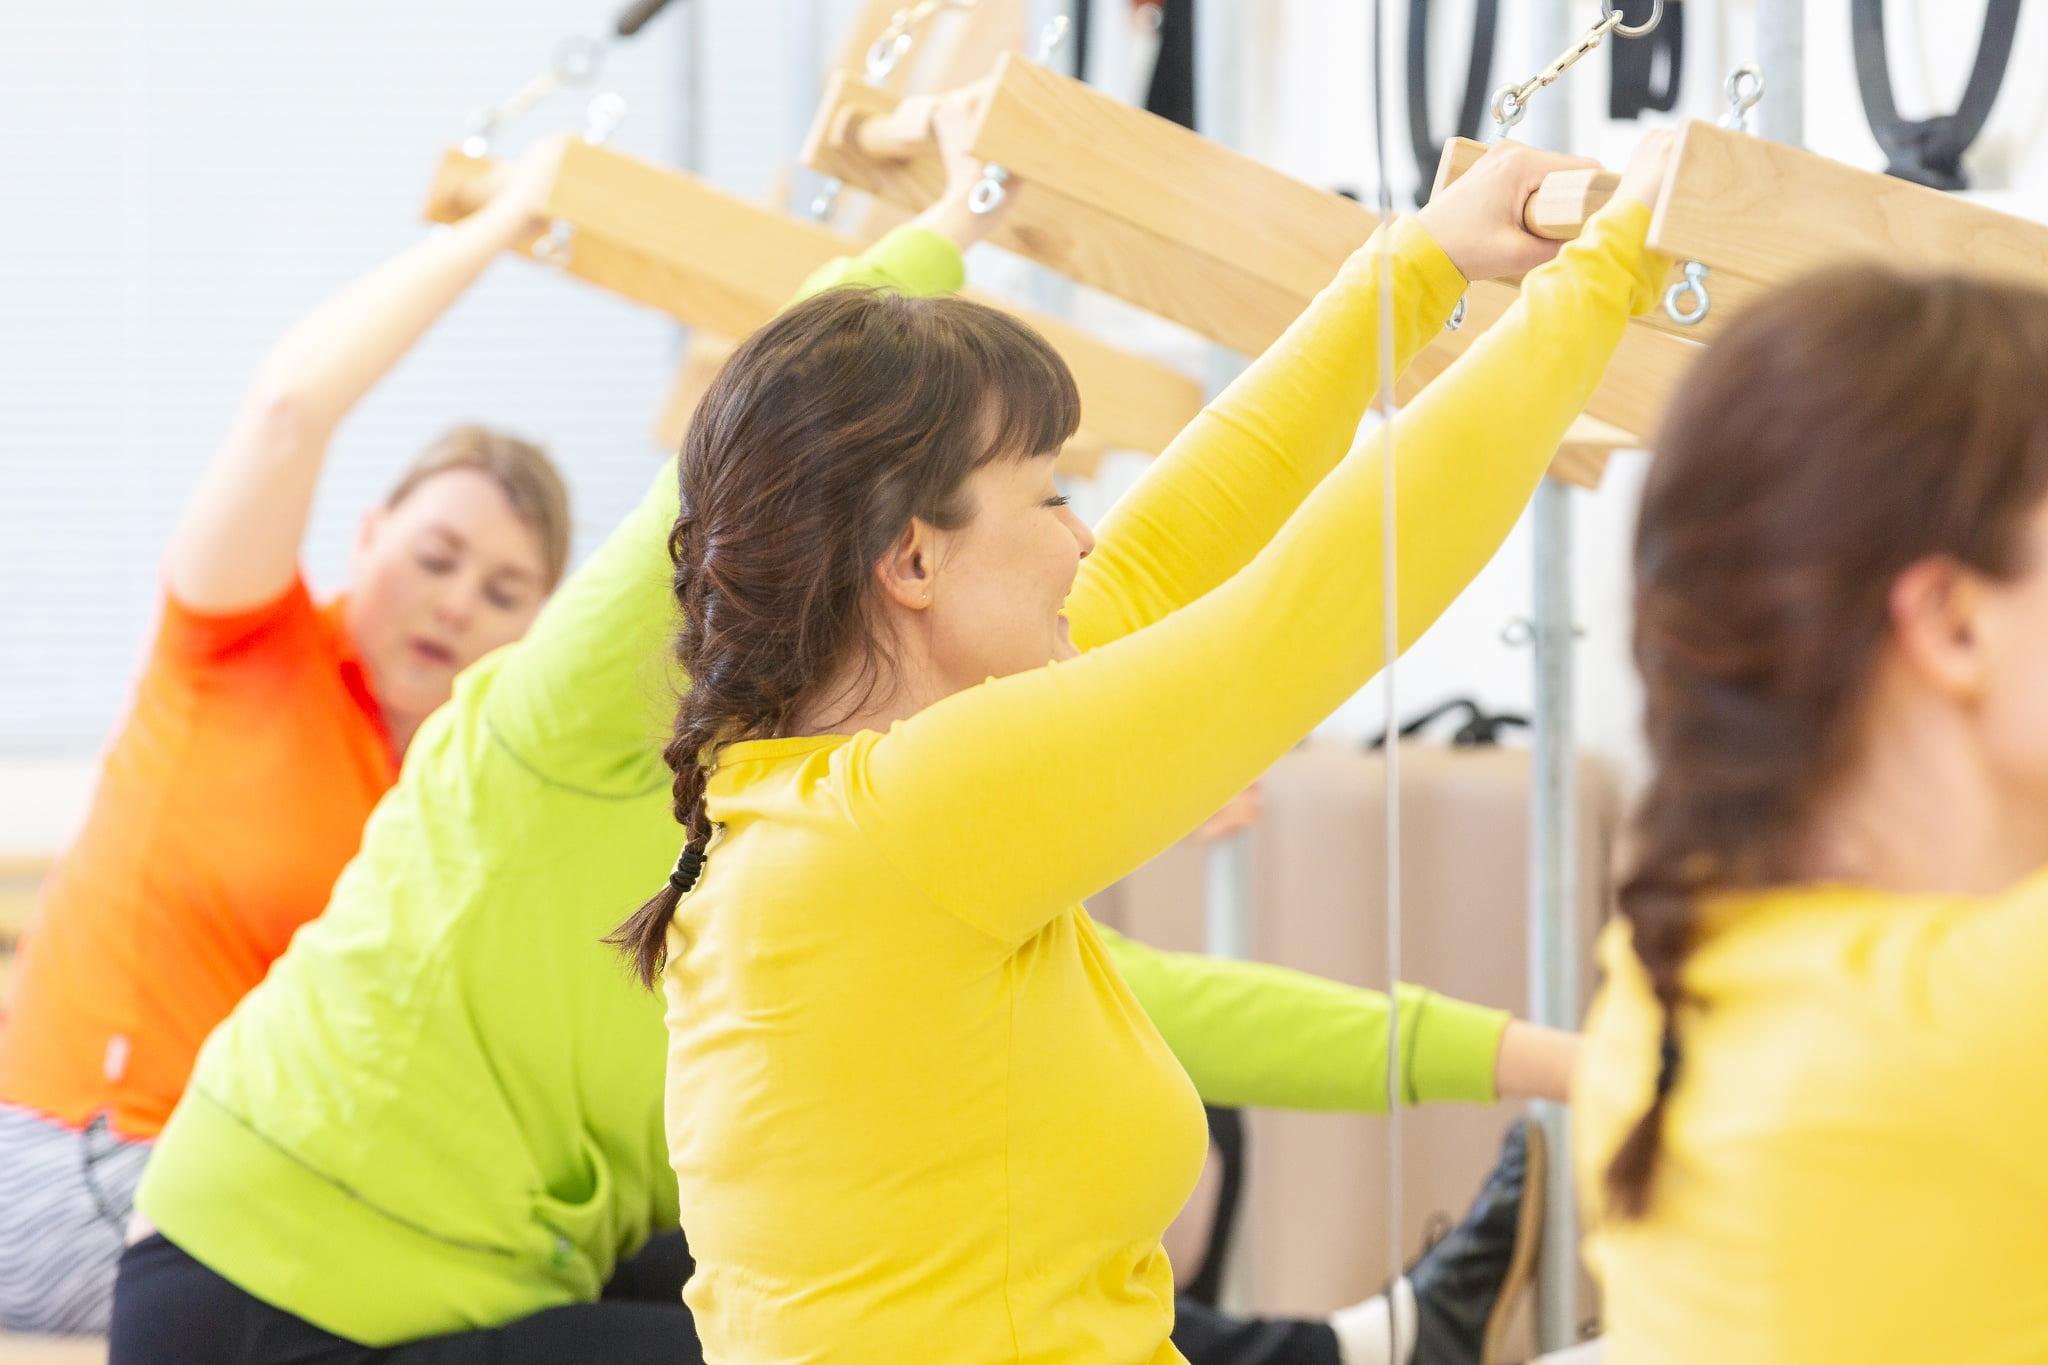 Monipuolinen Pilates menetelmä on kokemuksellinen elämys